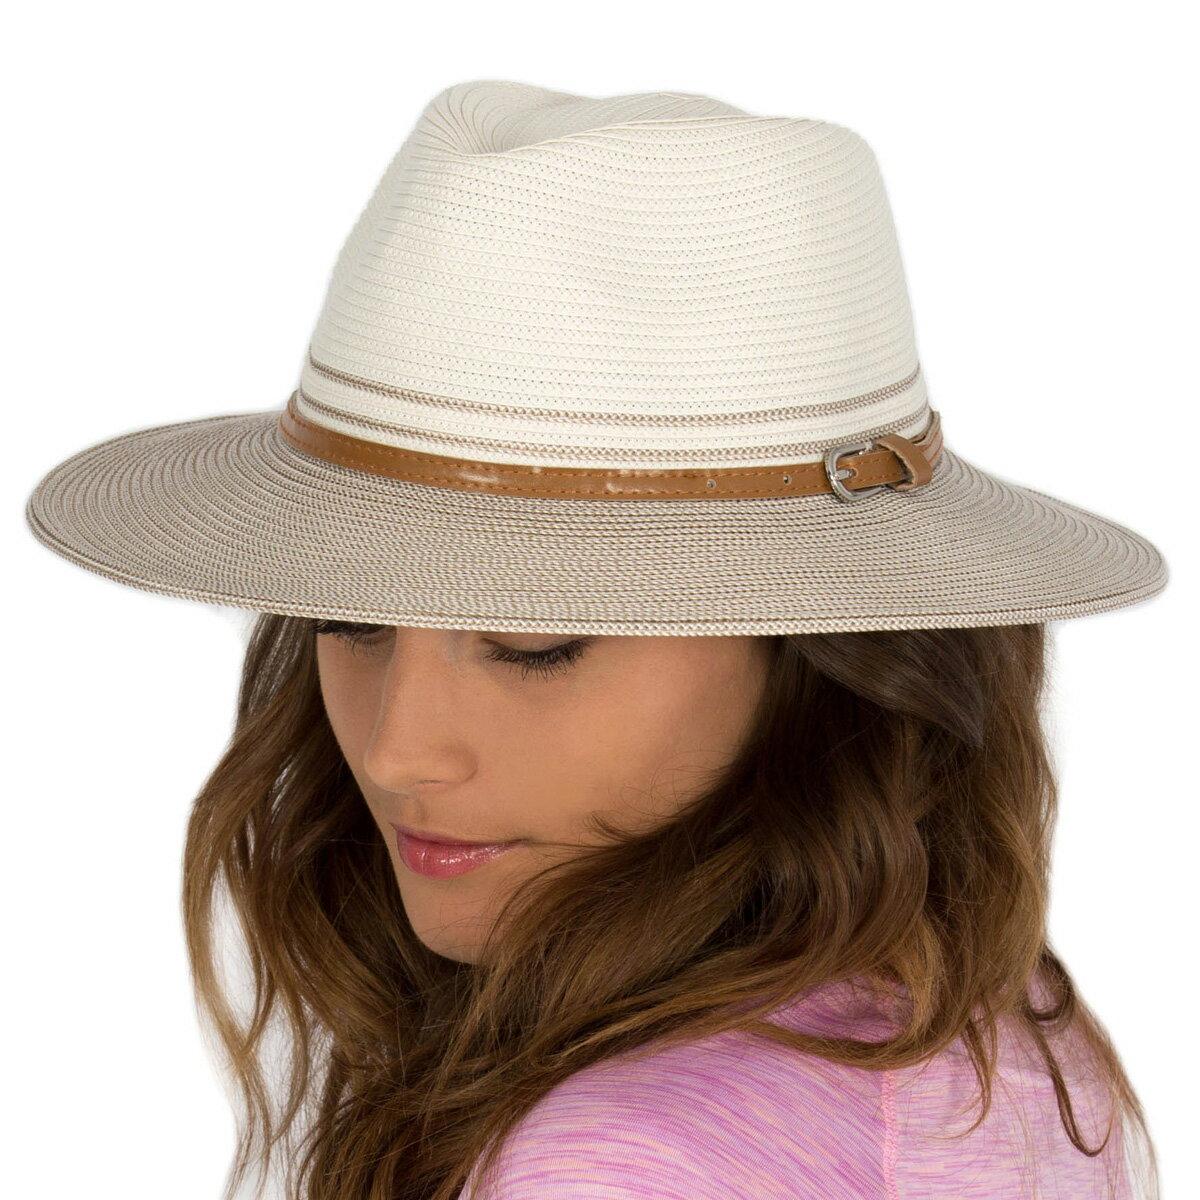 帽子 レディース ハット つば広 UVカット 女性用 UV 中折れ カウボーイ ハット カウガールハット テンガロン ウエスタン ハット 春 夏 日よけ 紫外線対策 母の日 ギフト